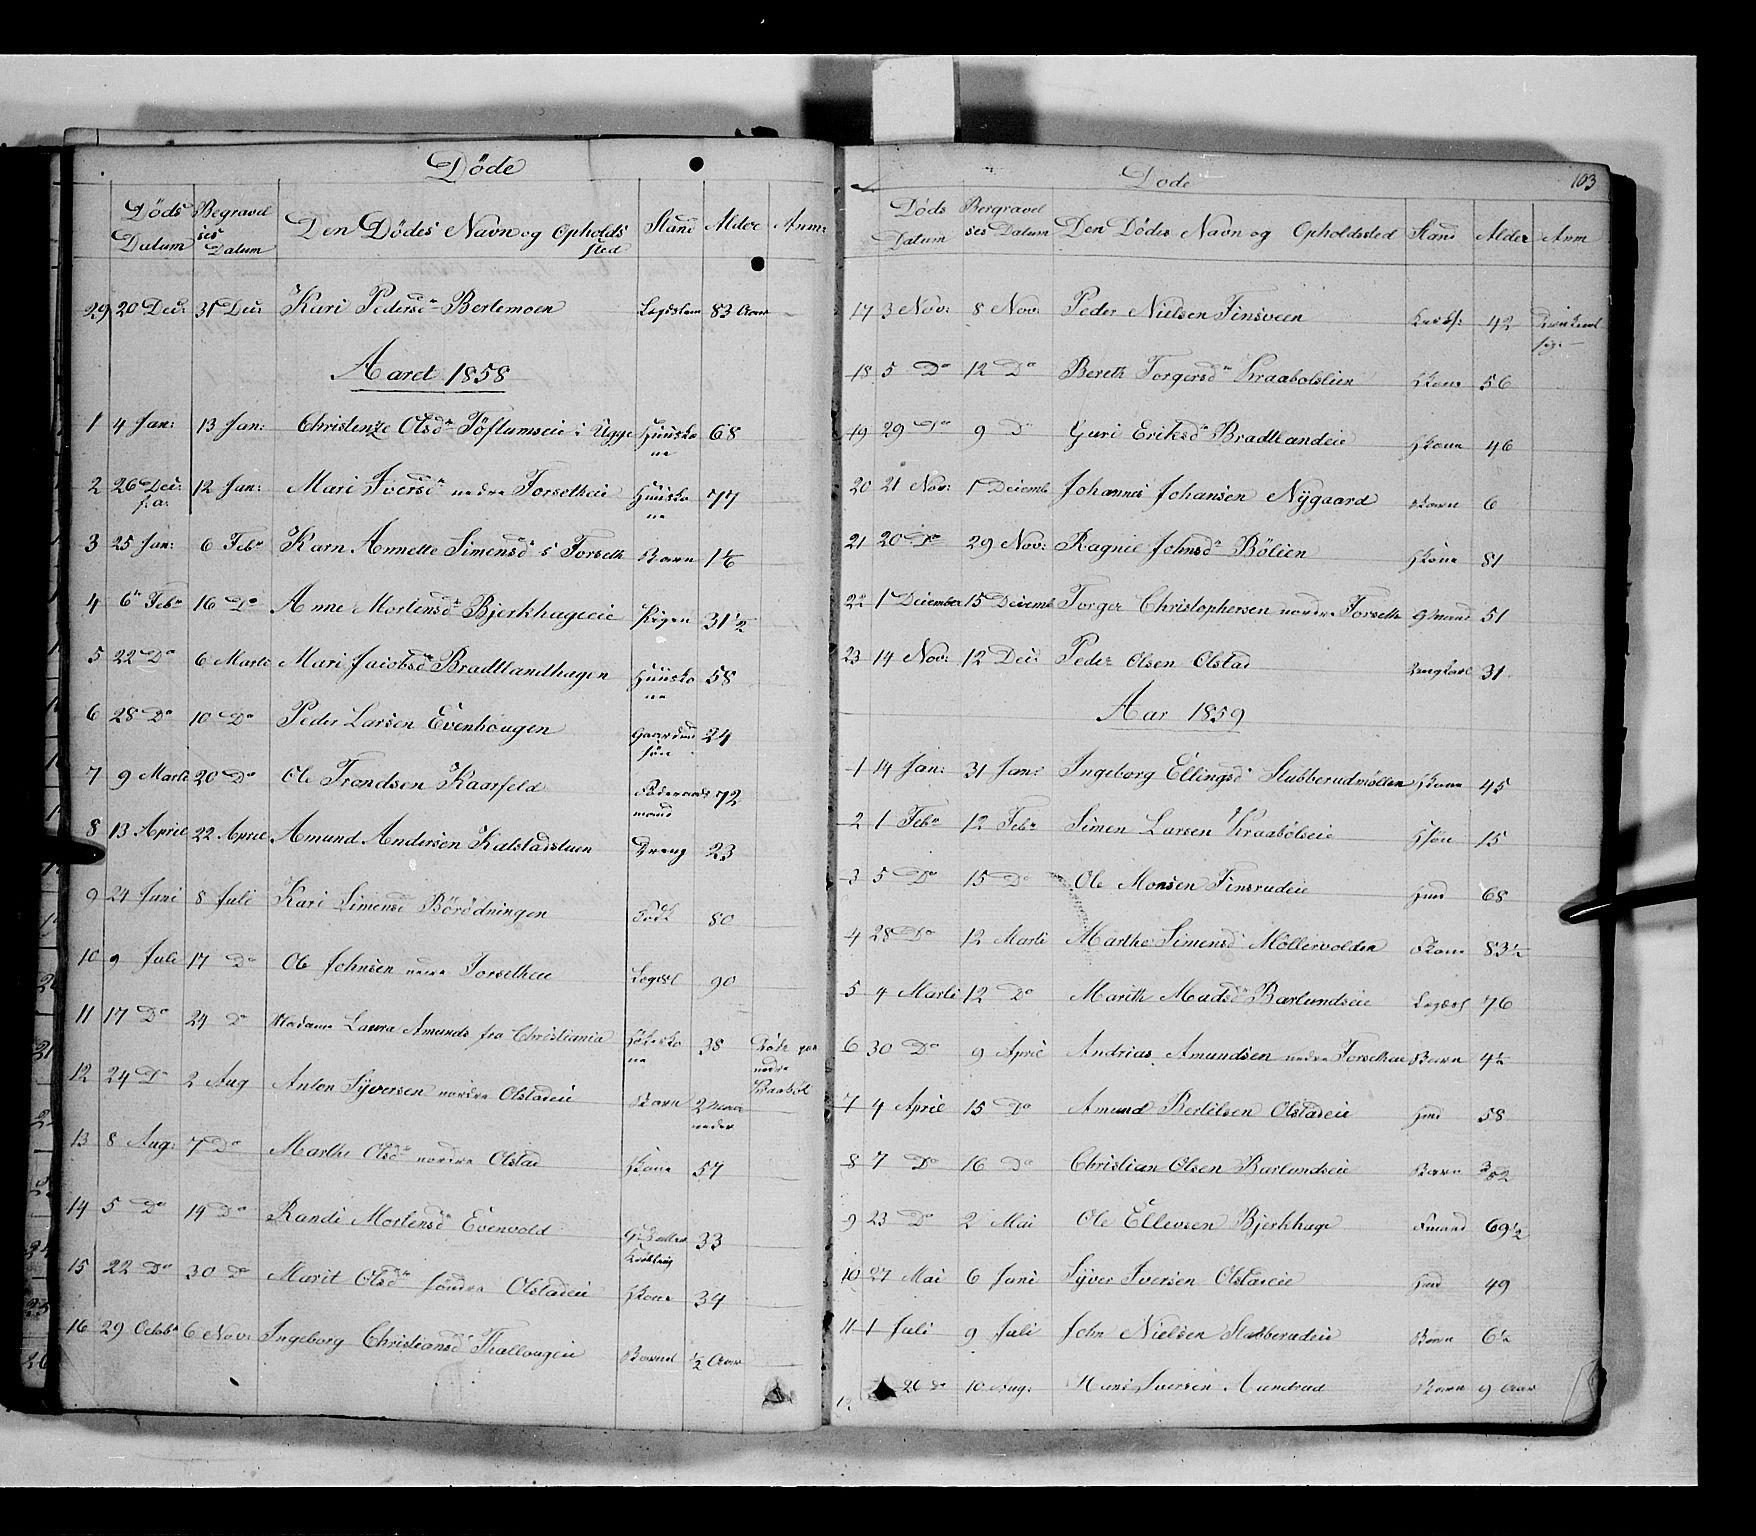 SAH, Gausdal prestekontor, Klokkerbok nr. 5, 1846-1867, s. 103